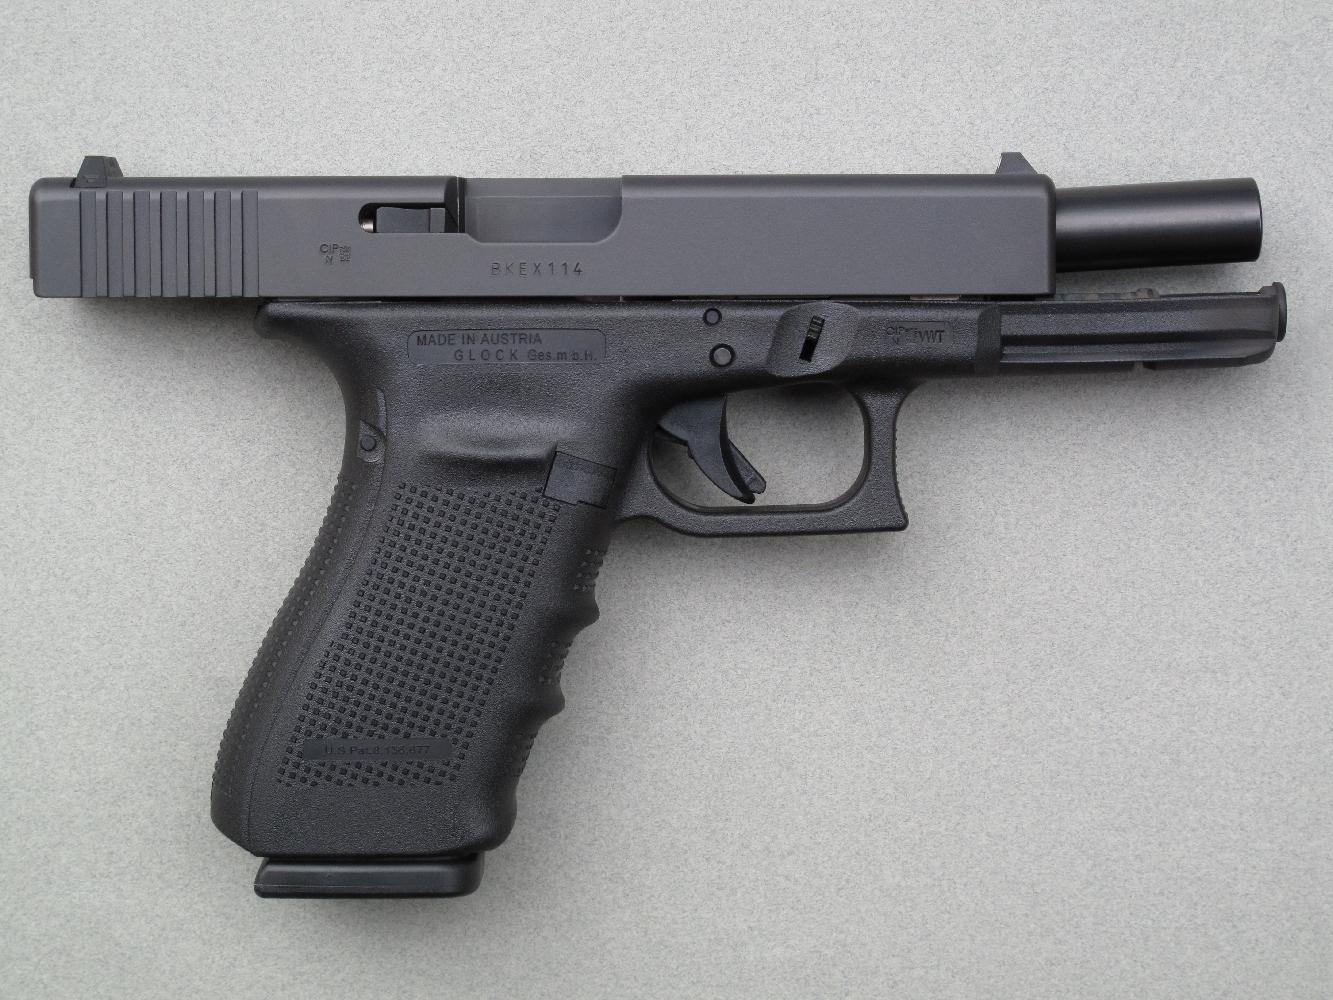 Ce pistolet fonctionne au moyen d'une culasse calée, déverrouillée par l'abaissement de la partie arrière du canon après un très court recul de ce dernier.